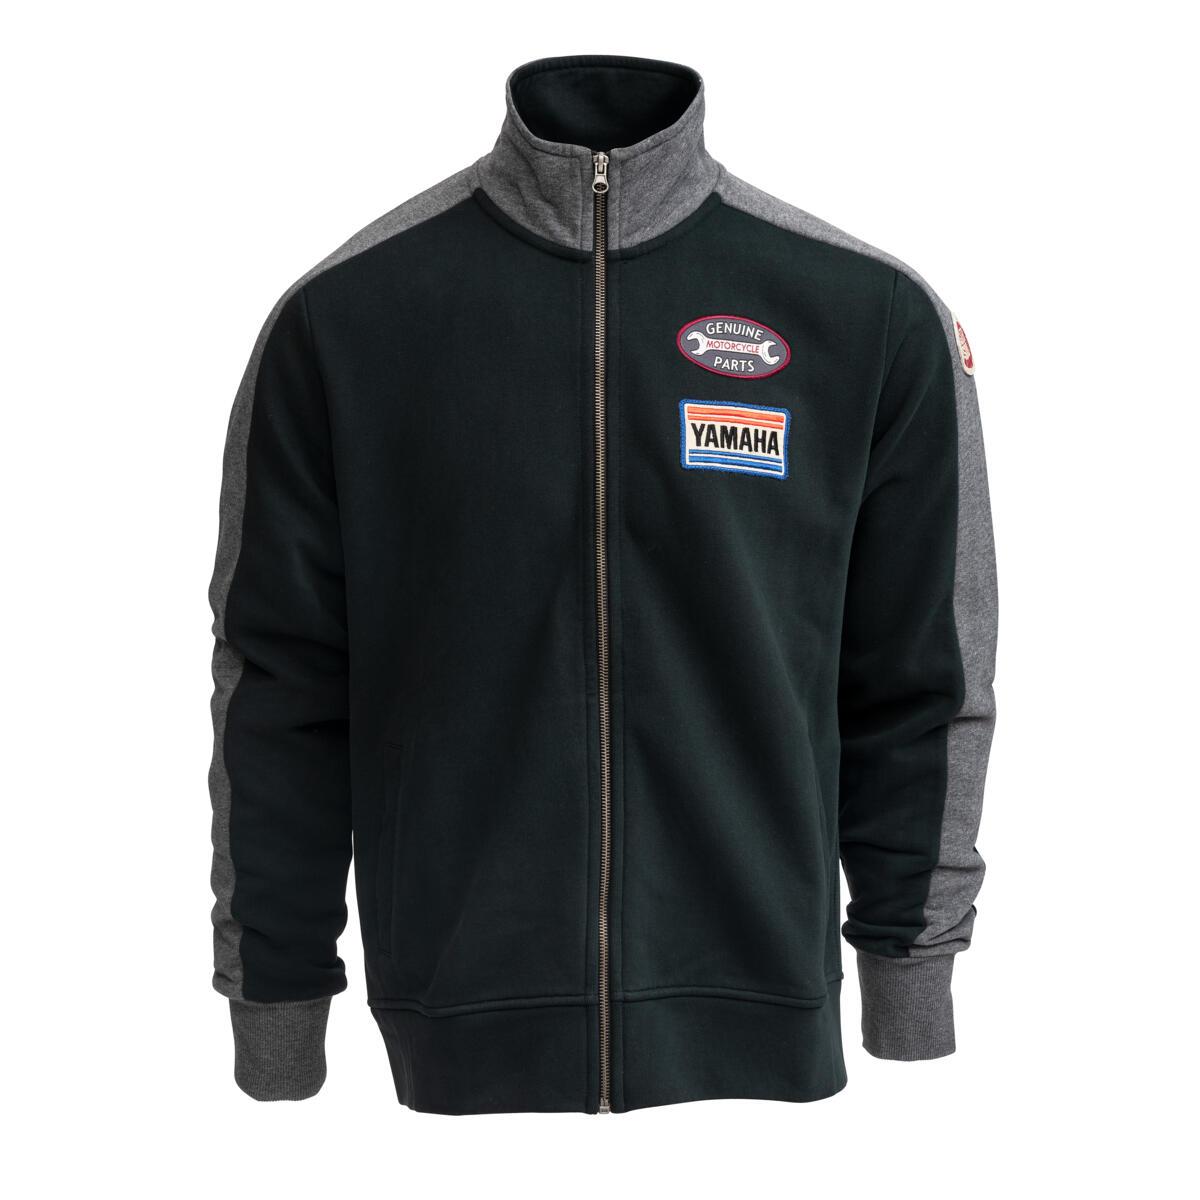 B21-FS103-B0-0L-21-male-sweater-Bedias-Studio-001_Tablet